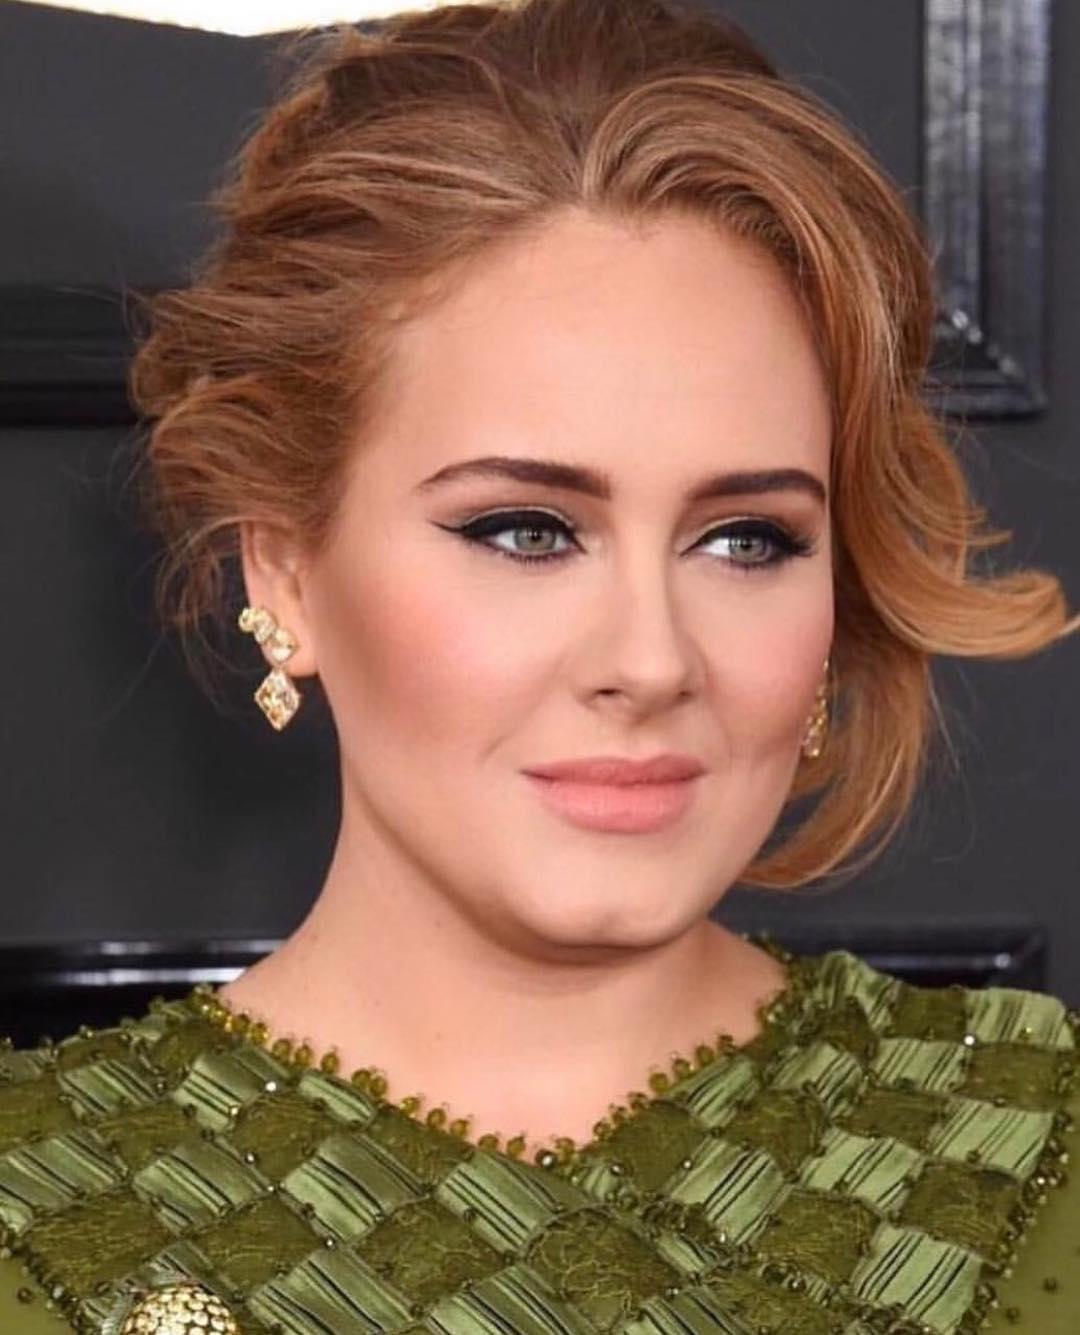 Антитренды макияжа 2020: Классические стрелки